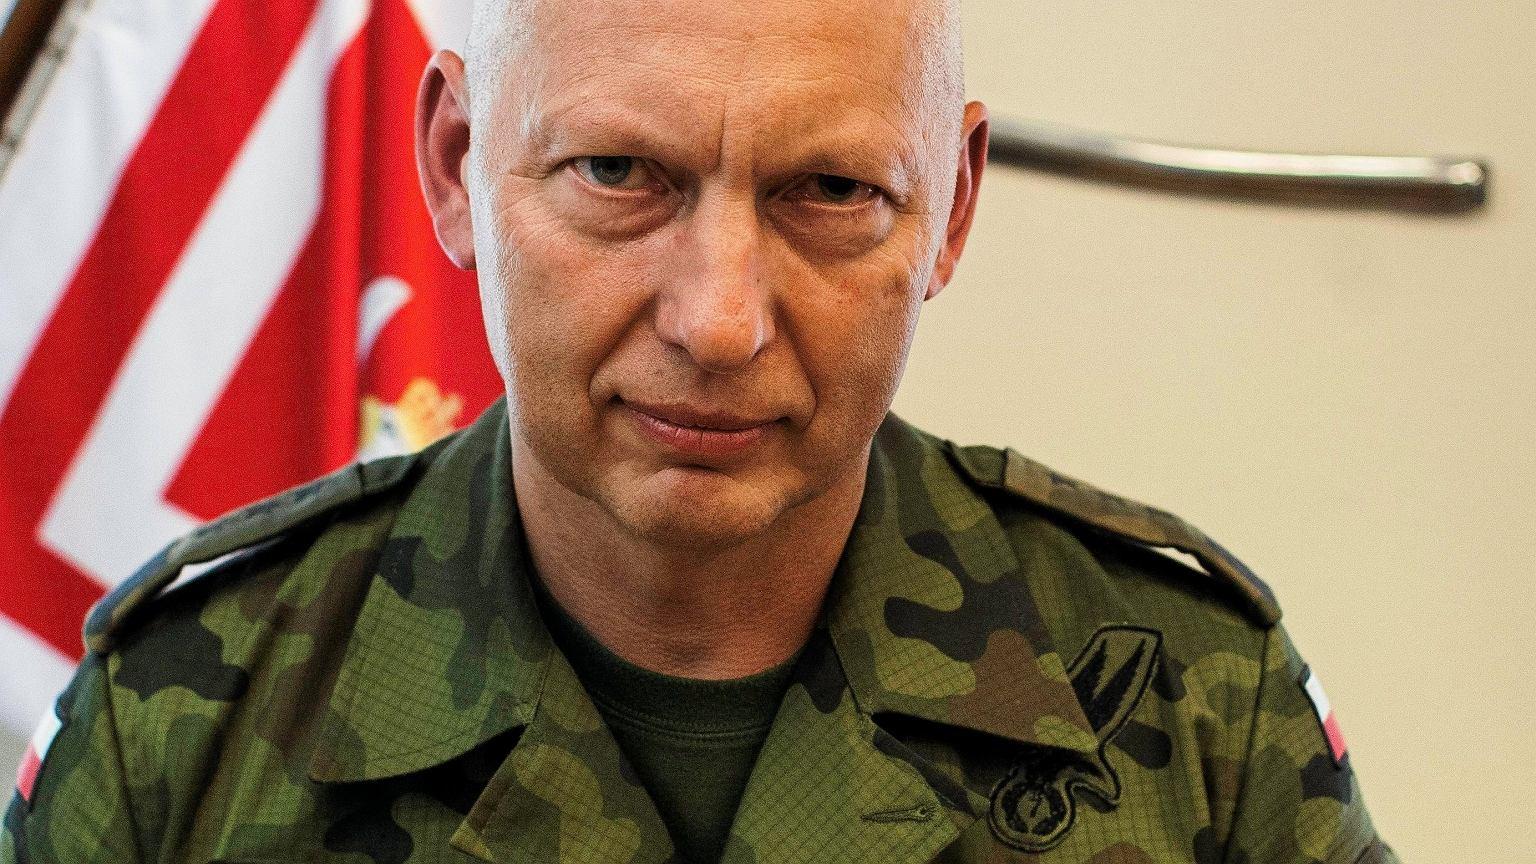 Generał Mirosław Różański, były Dowódca Generalny Rodzajów Sił Zbrojnych